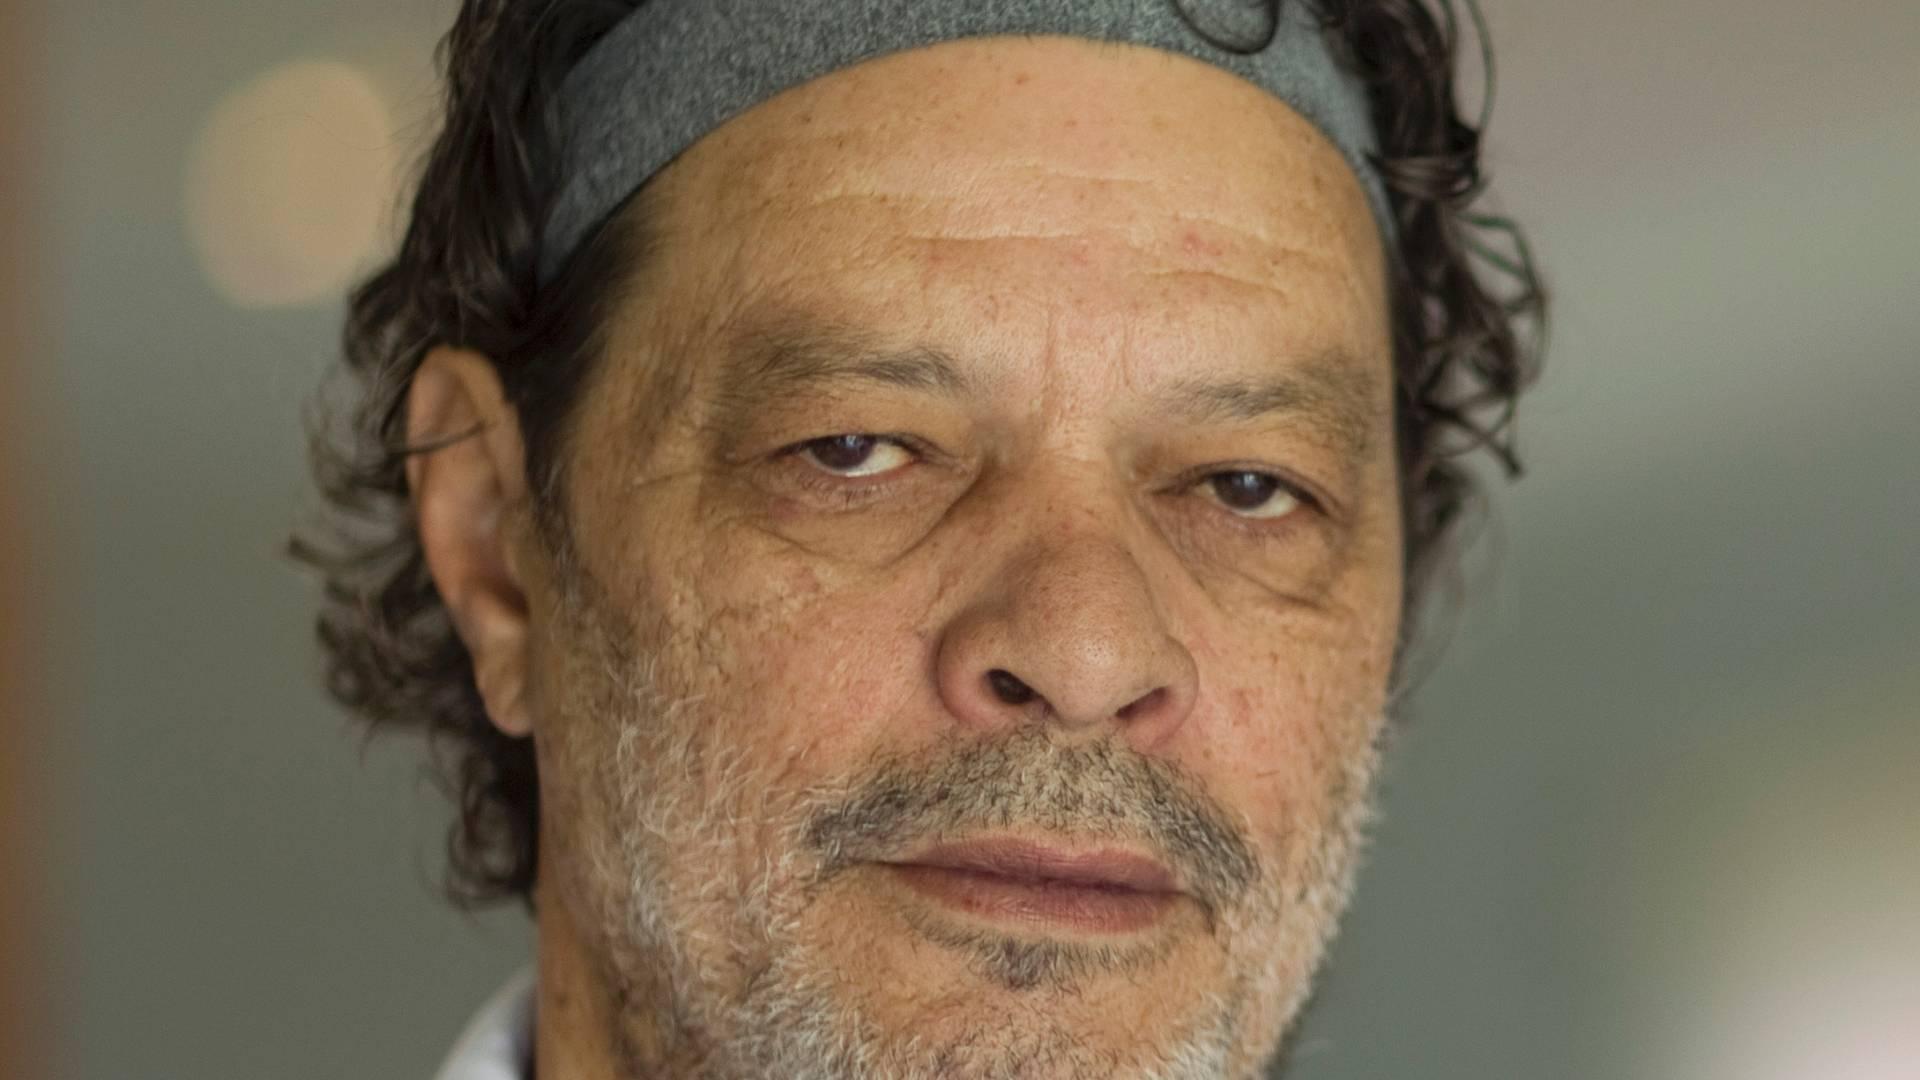 O ex-jogador Sócrates posa para foto, em São Paulo (SP), depois de fechar acordo para trabalhar para agência de notícias durante a Copa América de 2011; o ex-jogador morreu no dia 4 de dezembro de 2011 vítima de uma infecção generalizada